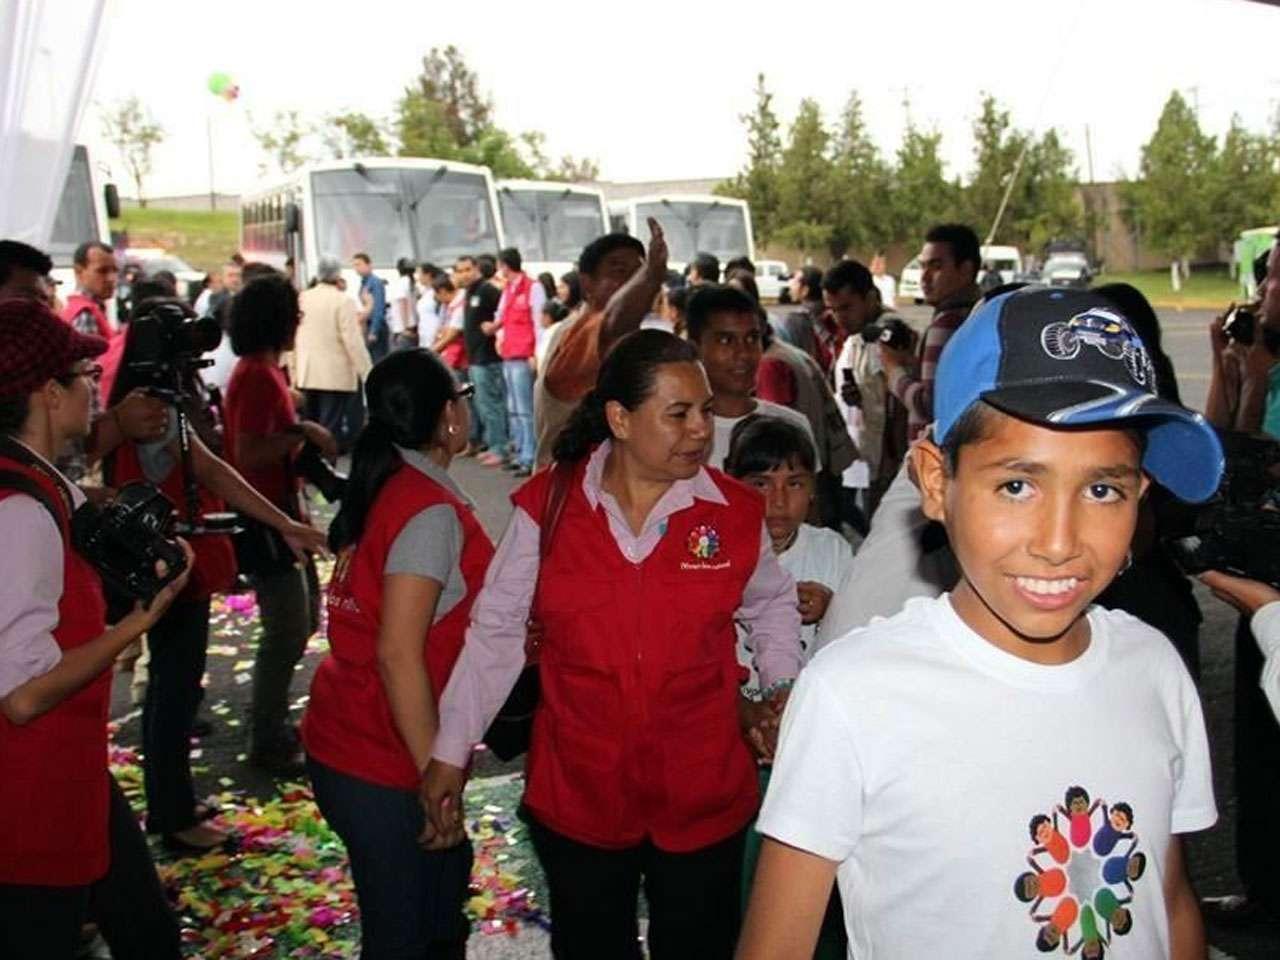 El Centro de Salud Mental de Morelia fue habilitado como casa hogar, a donde llegaron 86 niños de Mamá Rosa Foto: Archivo/Reforma